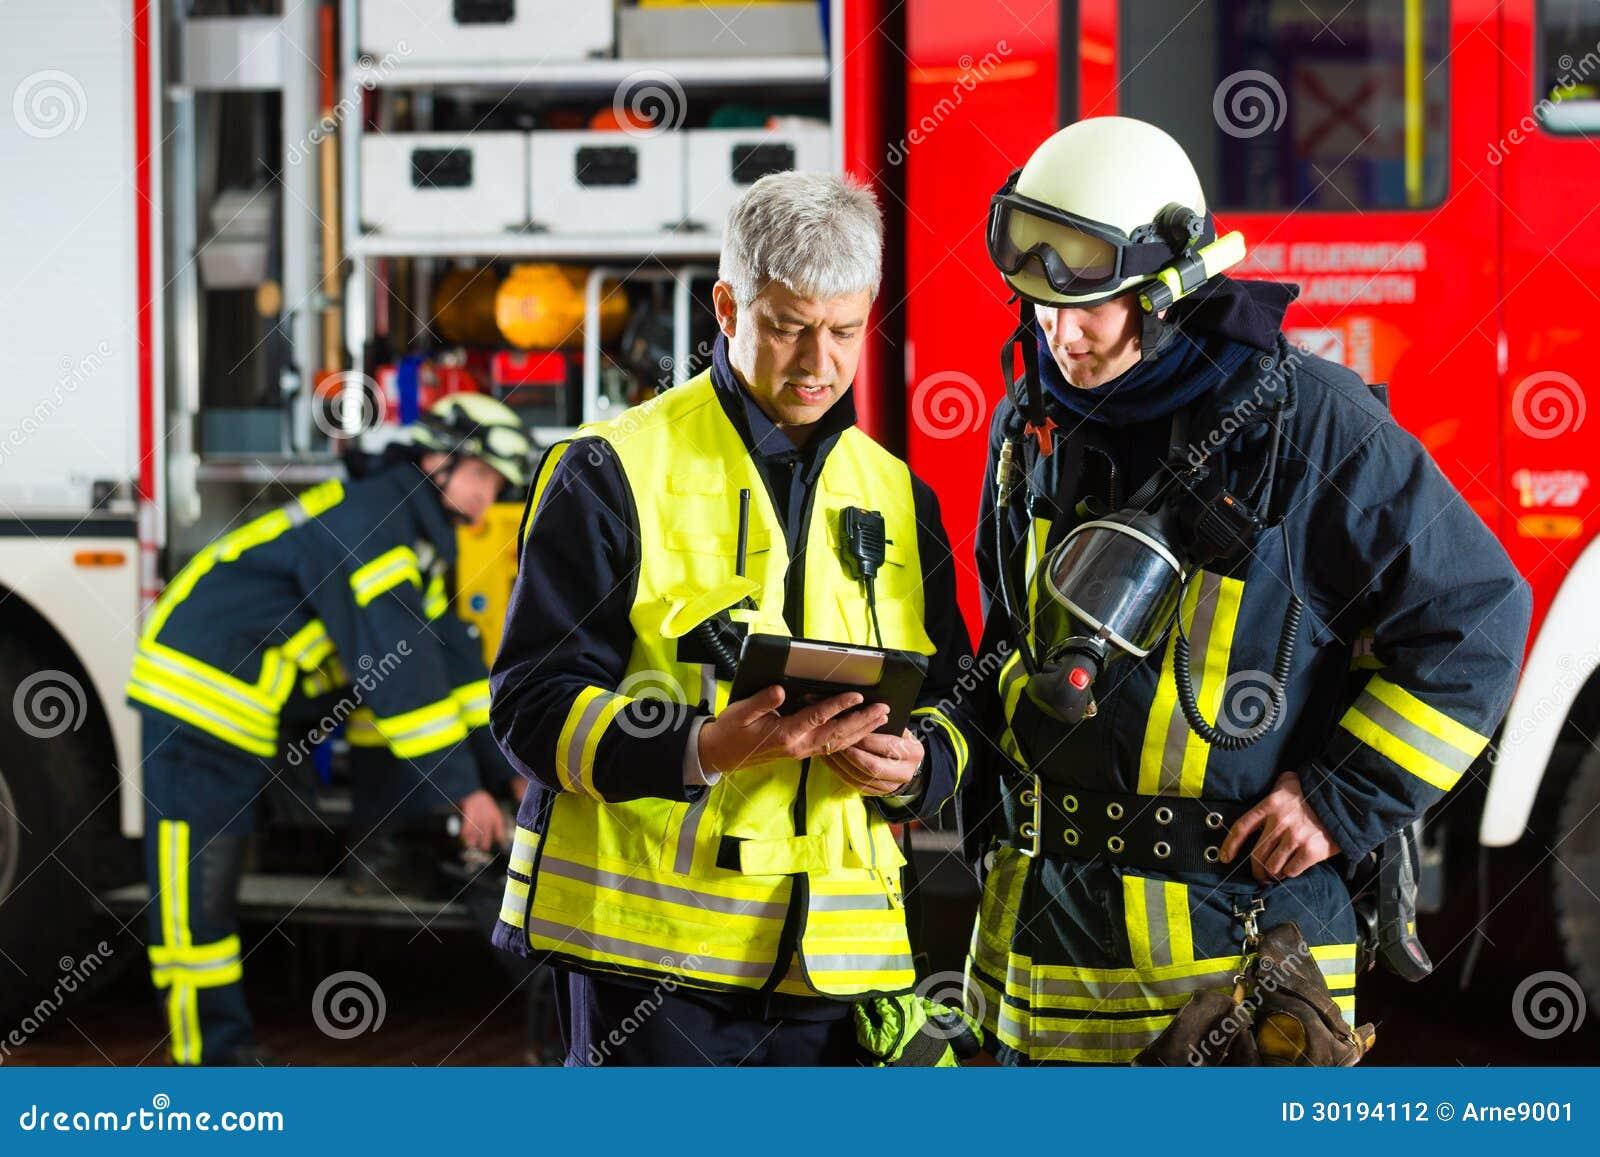 Planification de déploiement des sapeurs-pompiers